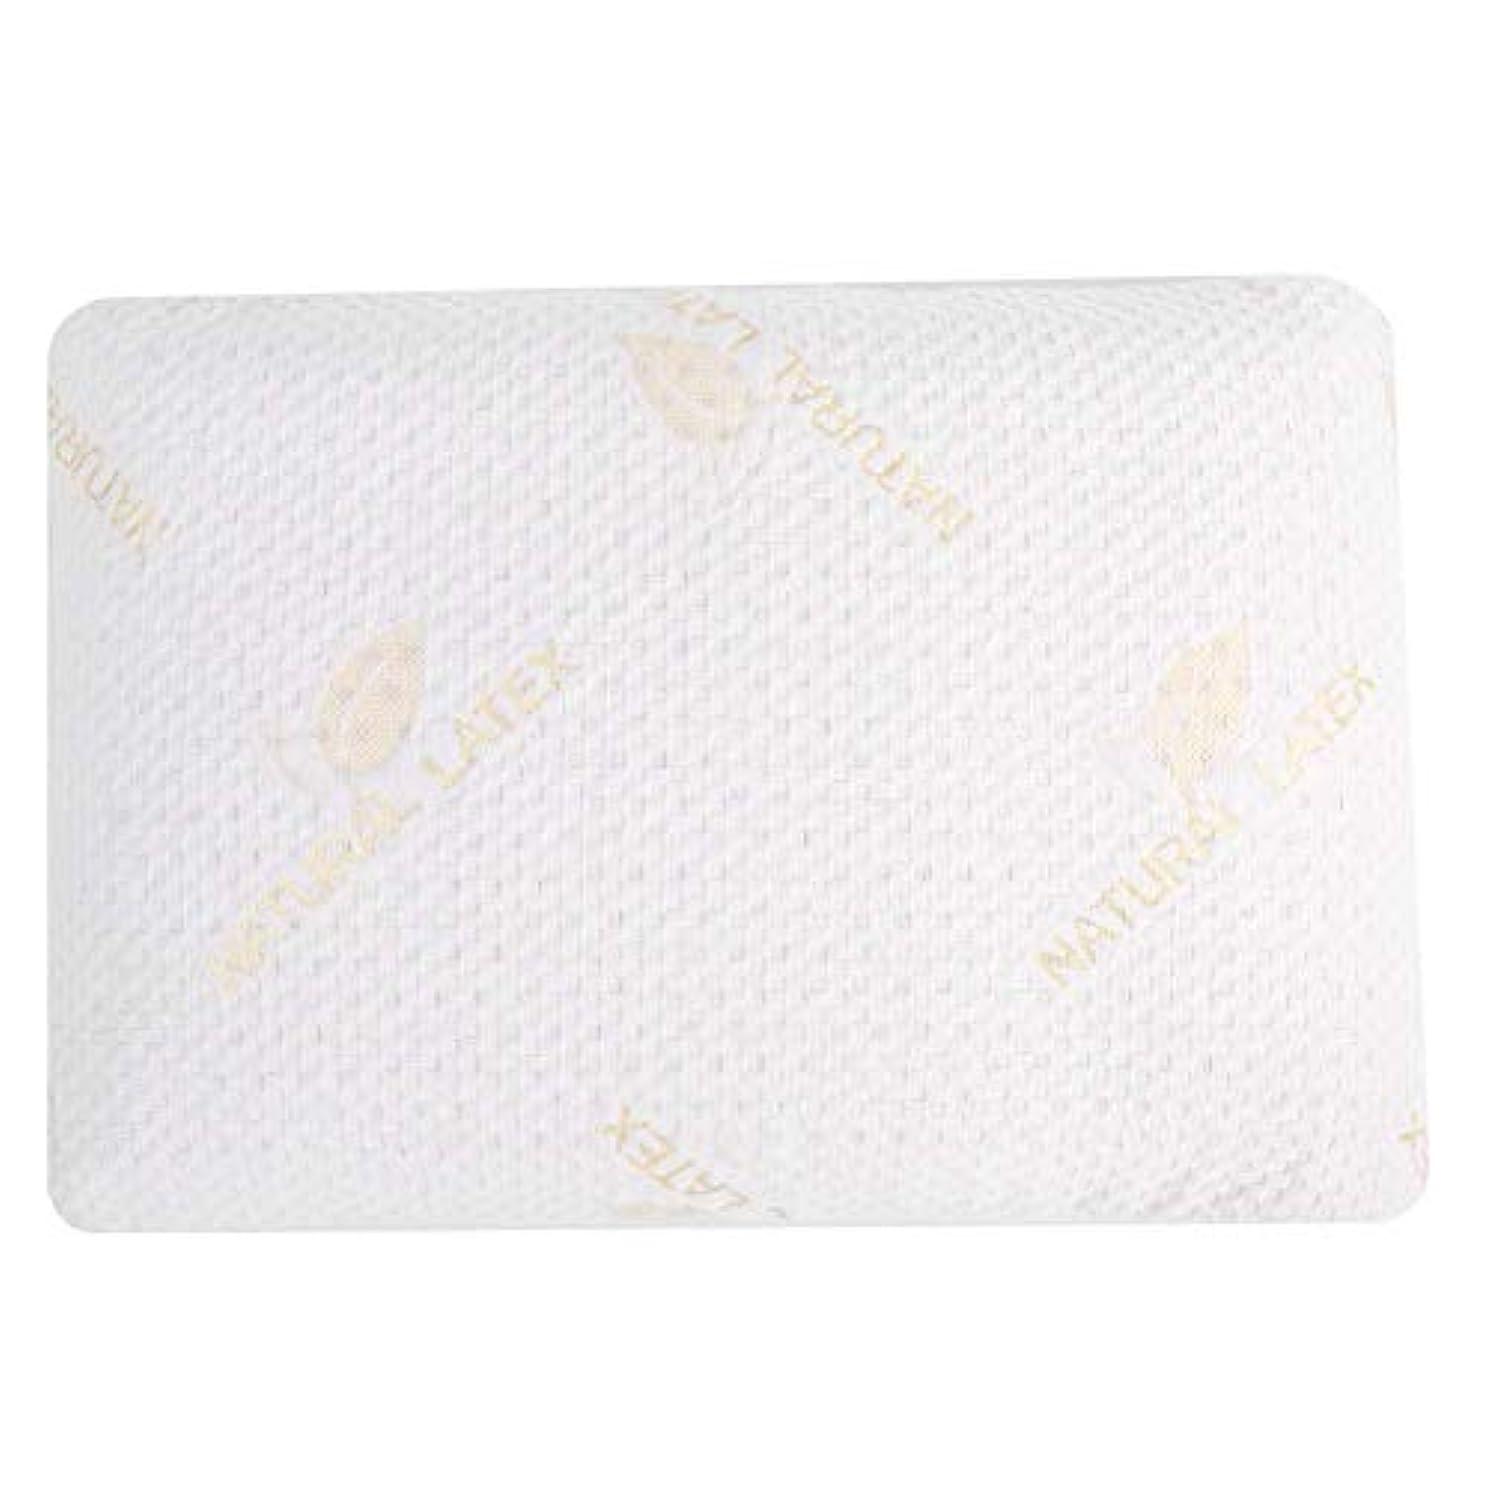 テラスパノラマナイロンラテックス枕、通気性低反発枕自然な成人頸部マッサージヘルスケア首クッション用睡眠